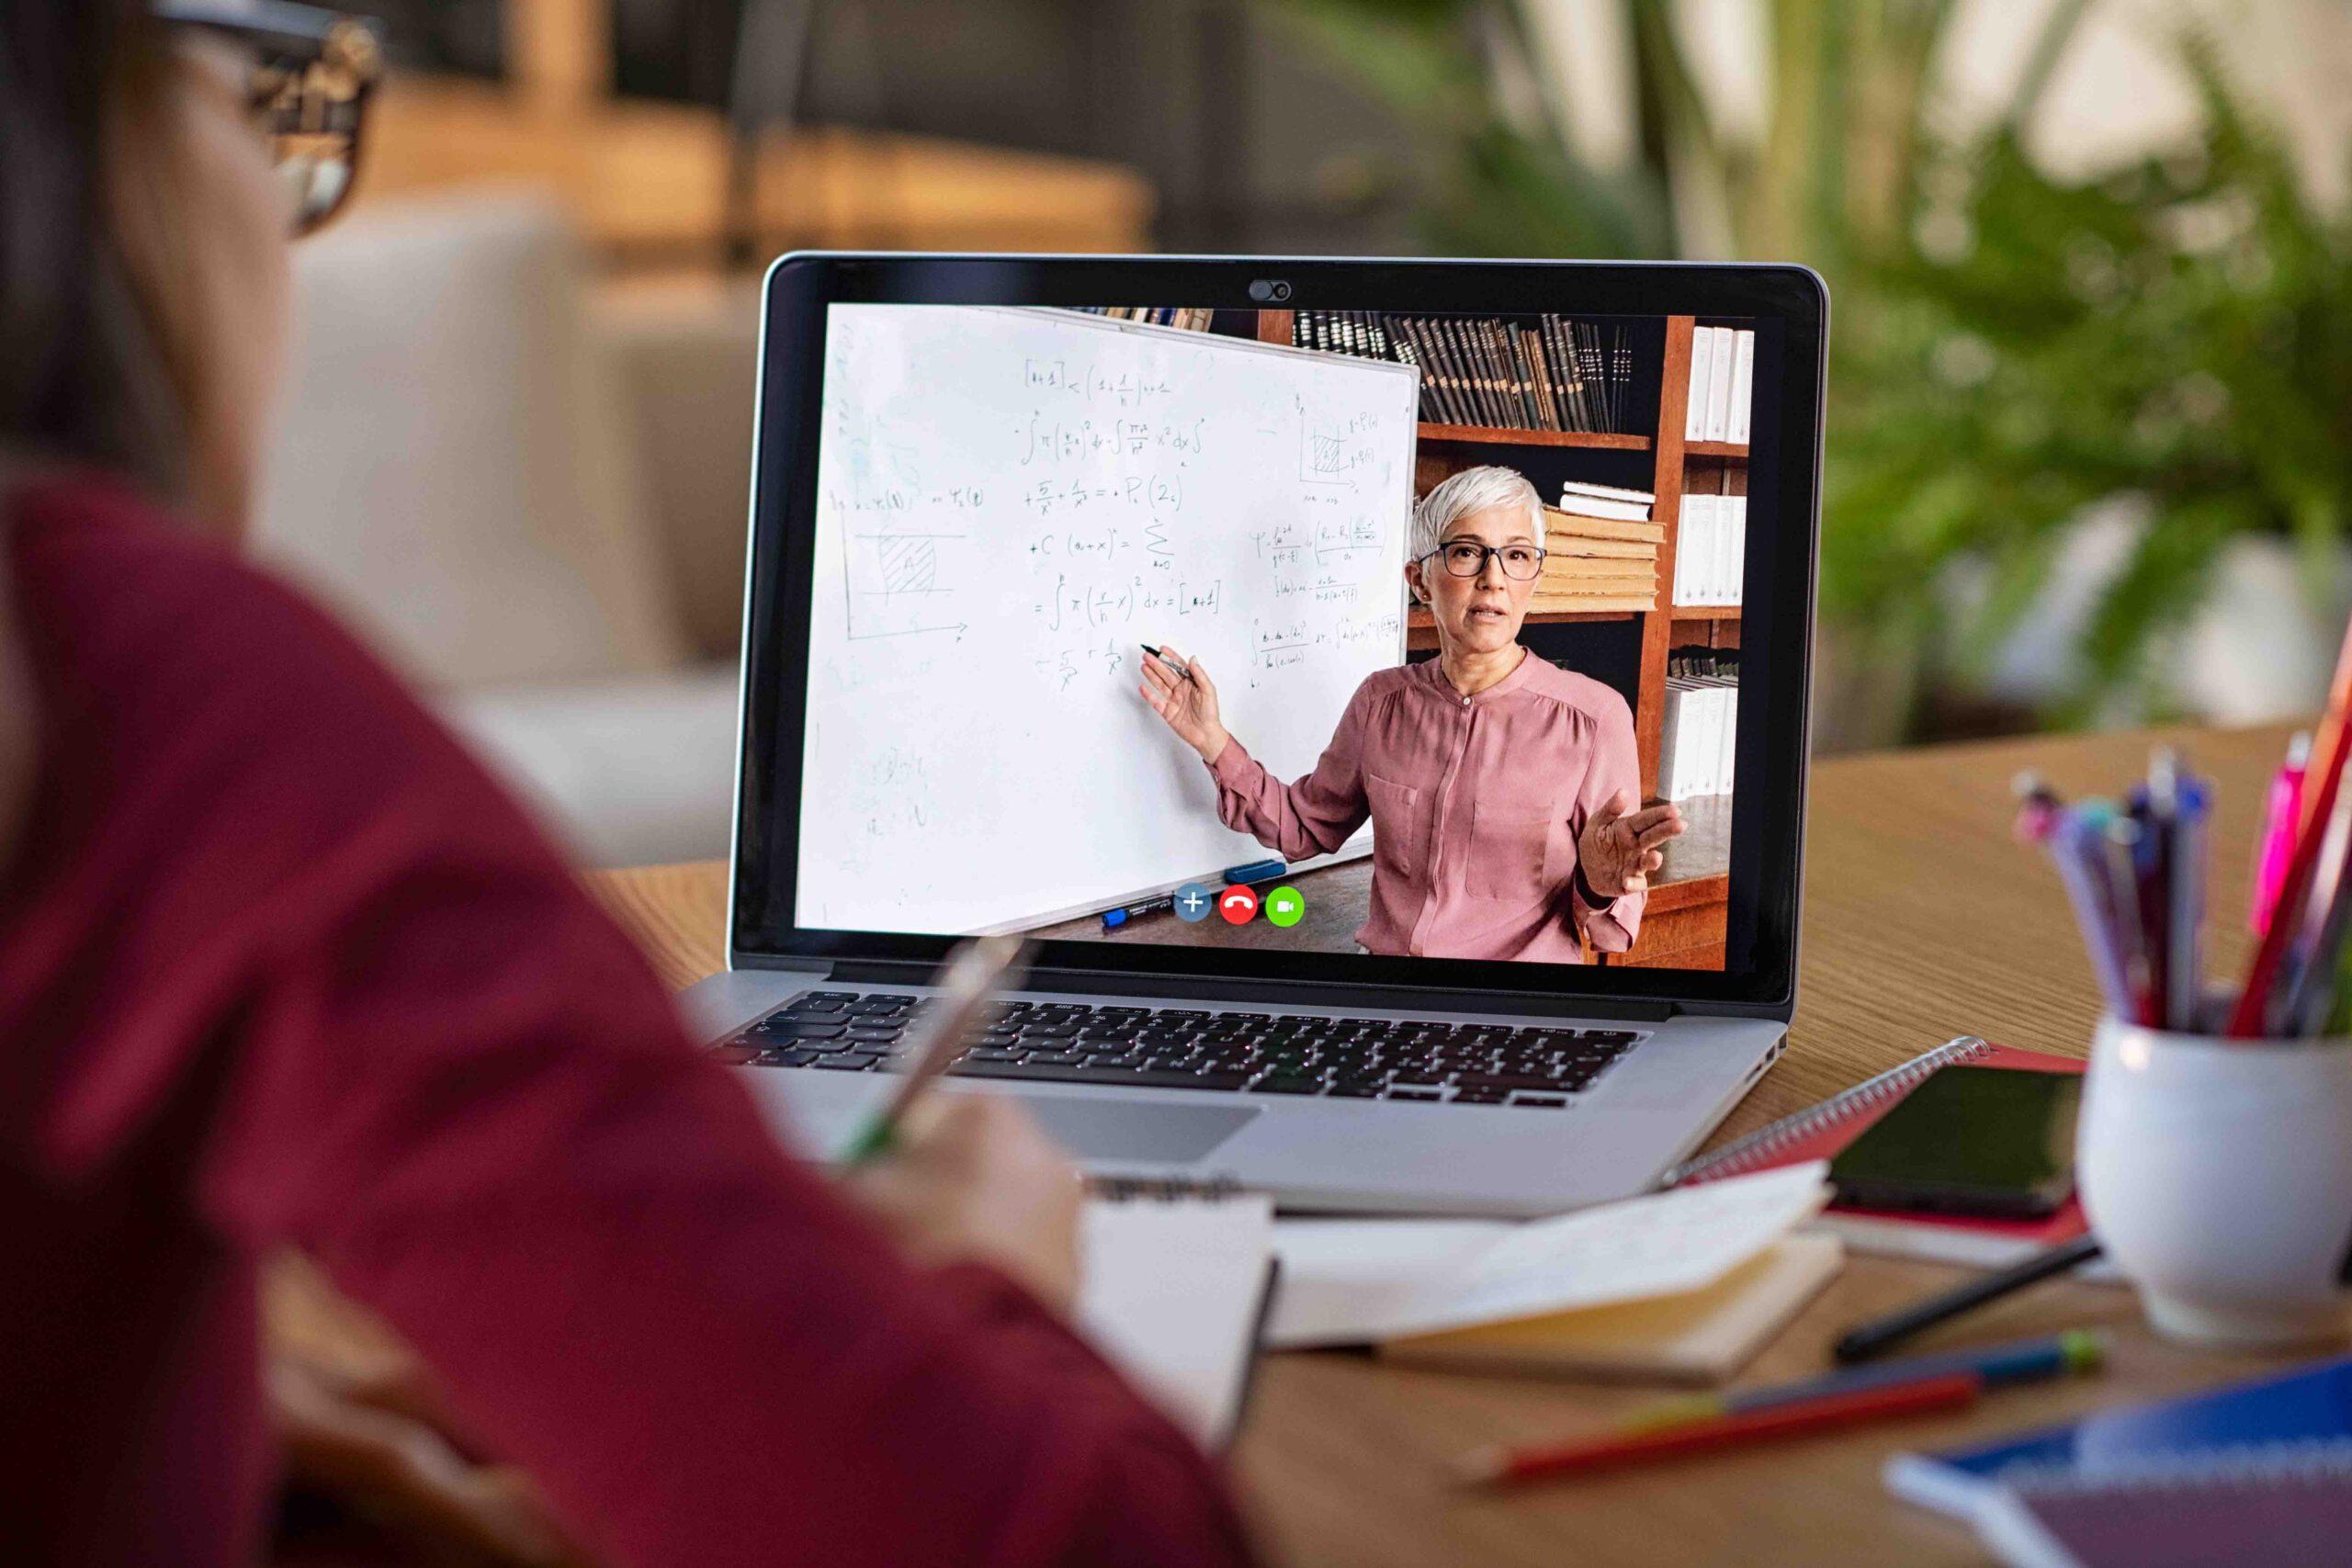 5 mënyra për të rritur ndërveprimin mes nxënësve gjatë procesit mësimor në mungesë të materialeve digjitale në platformë